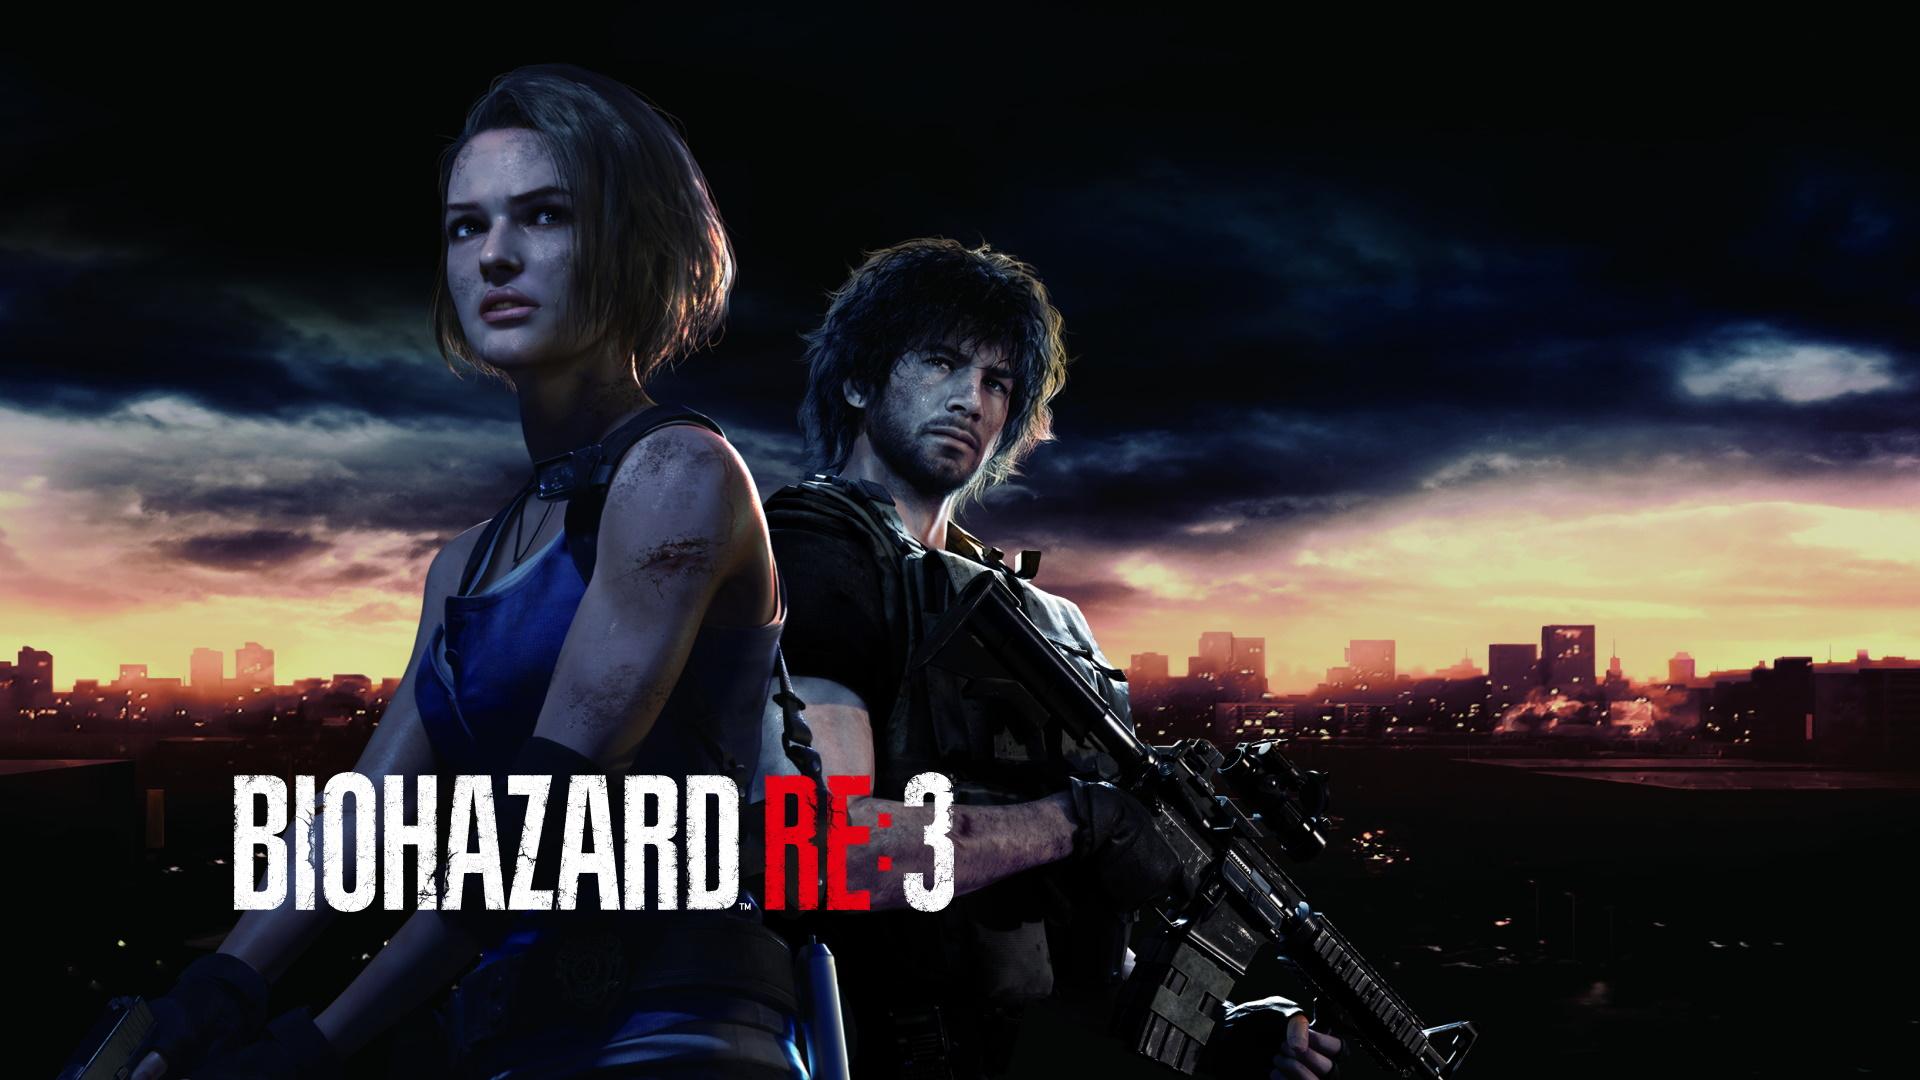 『バイオハザード RE:3』、ラクーン シティのスカイラインの前に立つ、ジル・バレンタインとカルロス